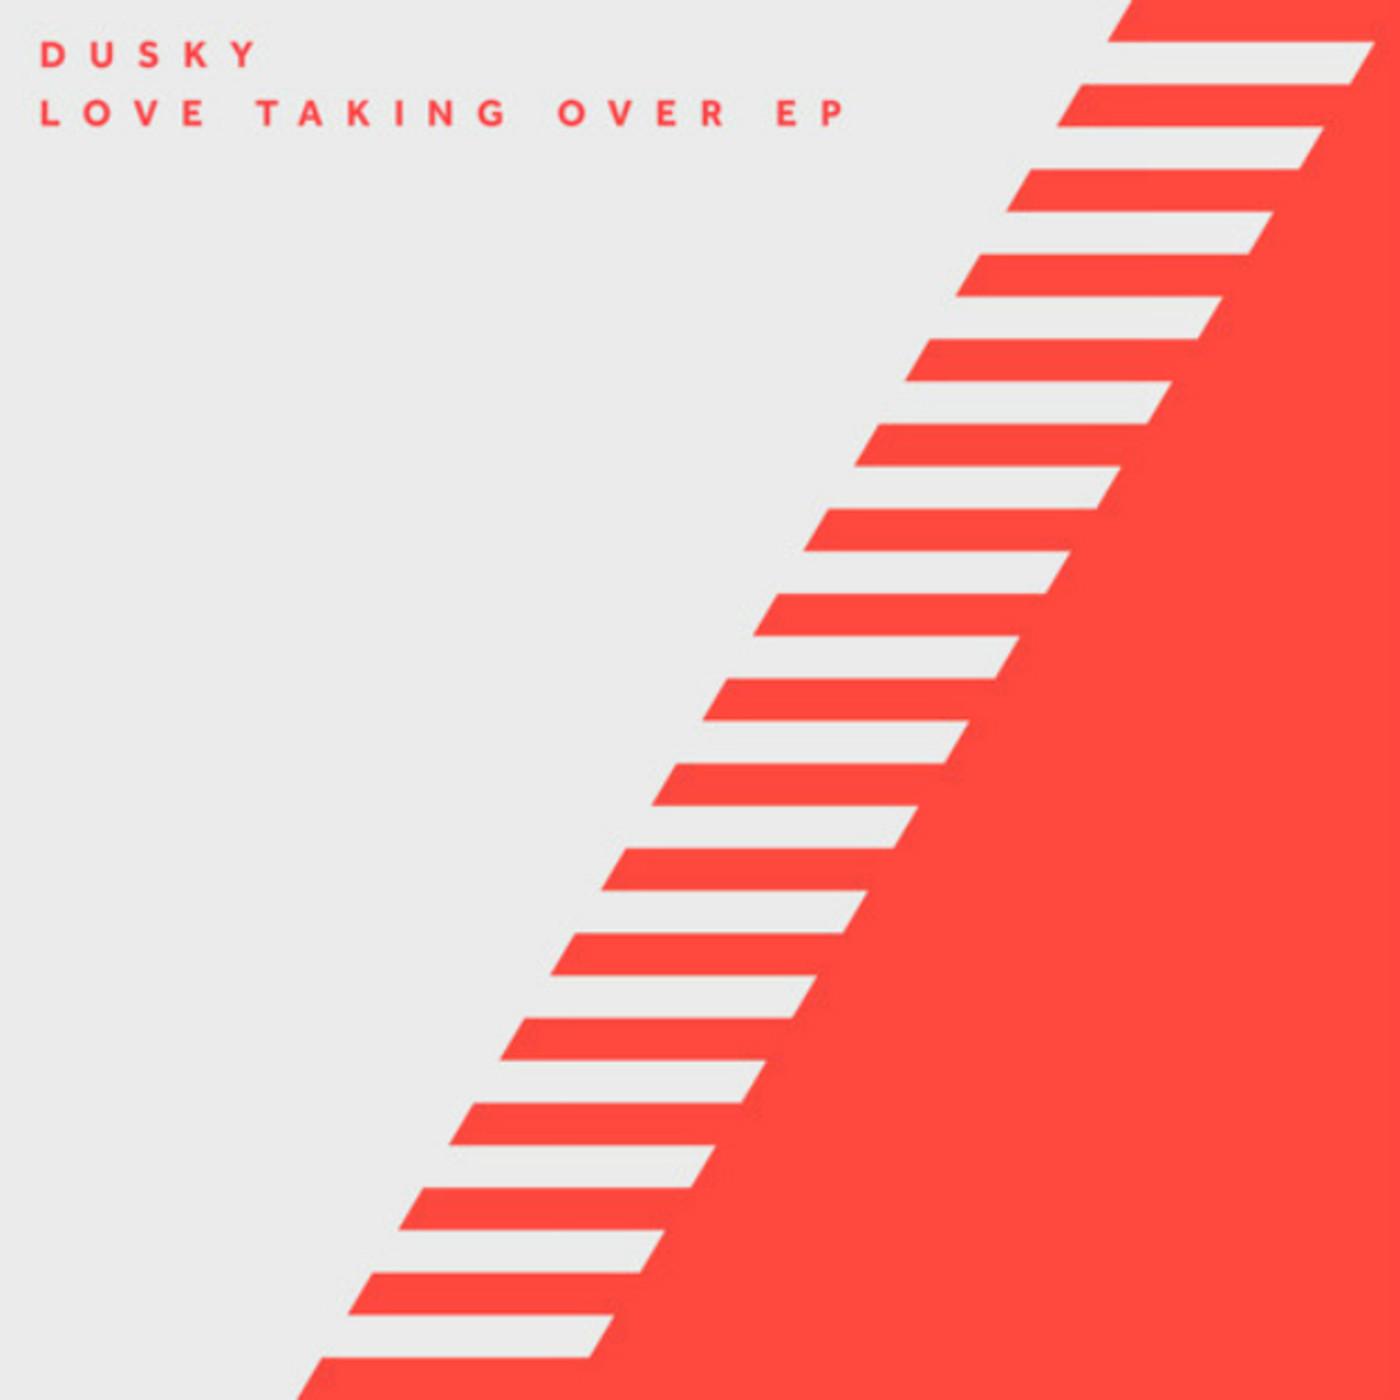 dusky-love-taking-over-ep